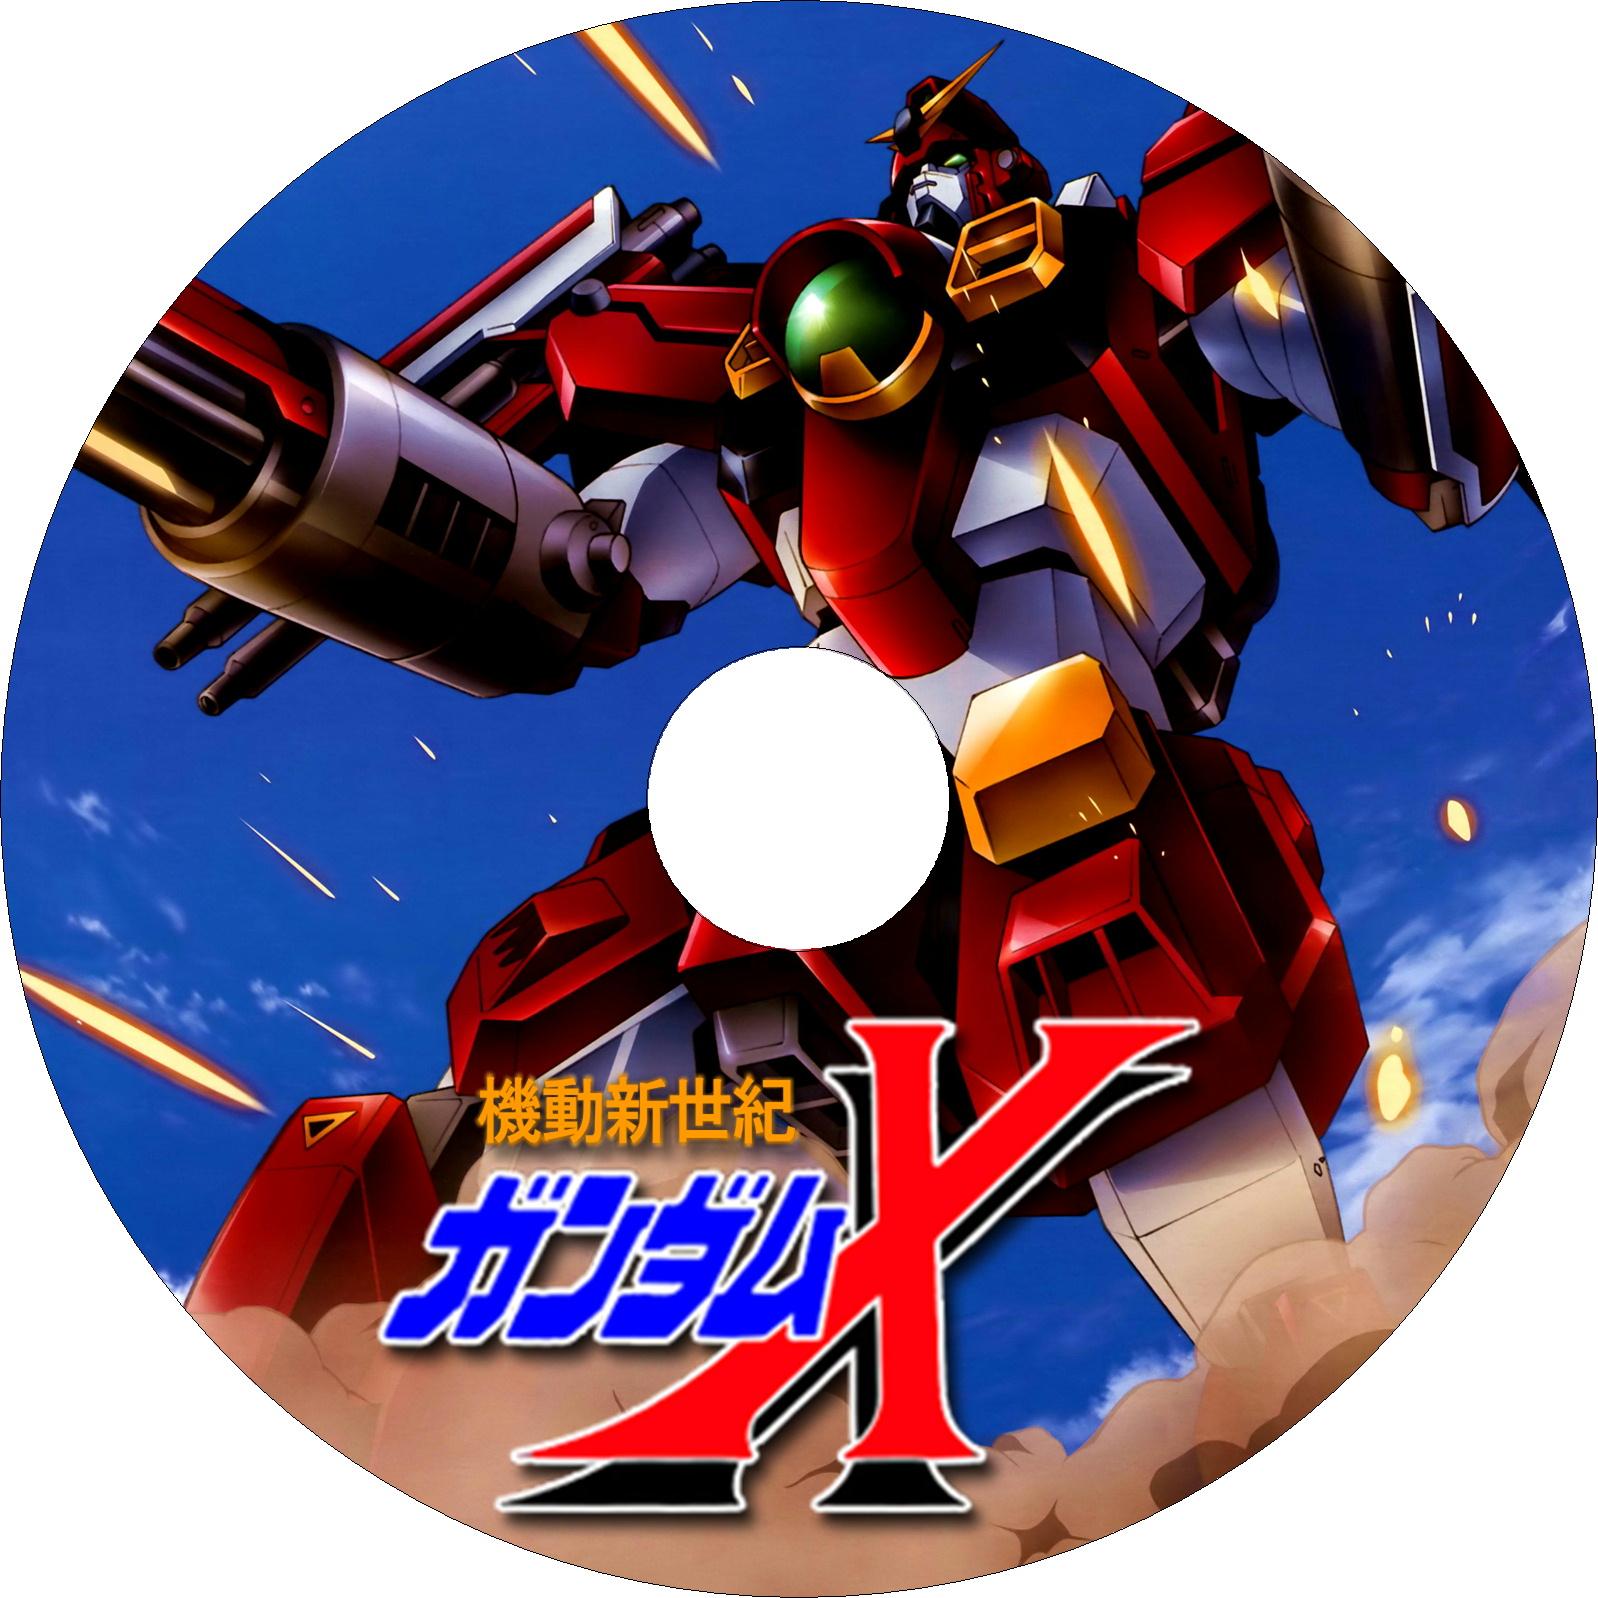 機動新世紀ガンダムX ラベル(汎用)3